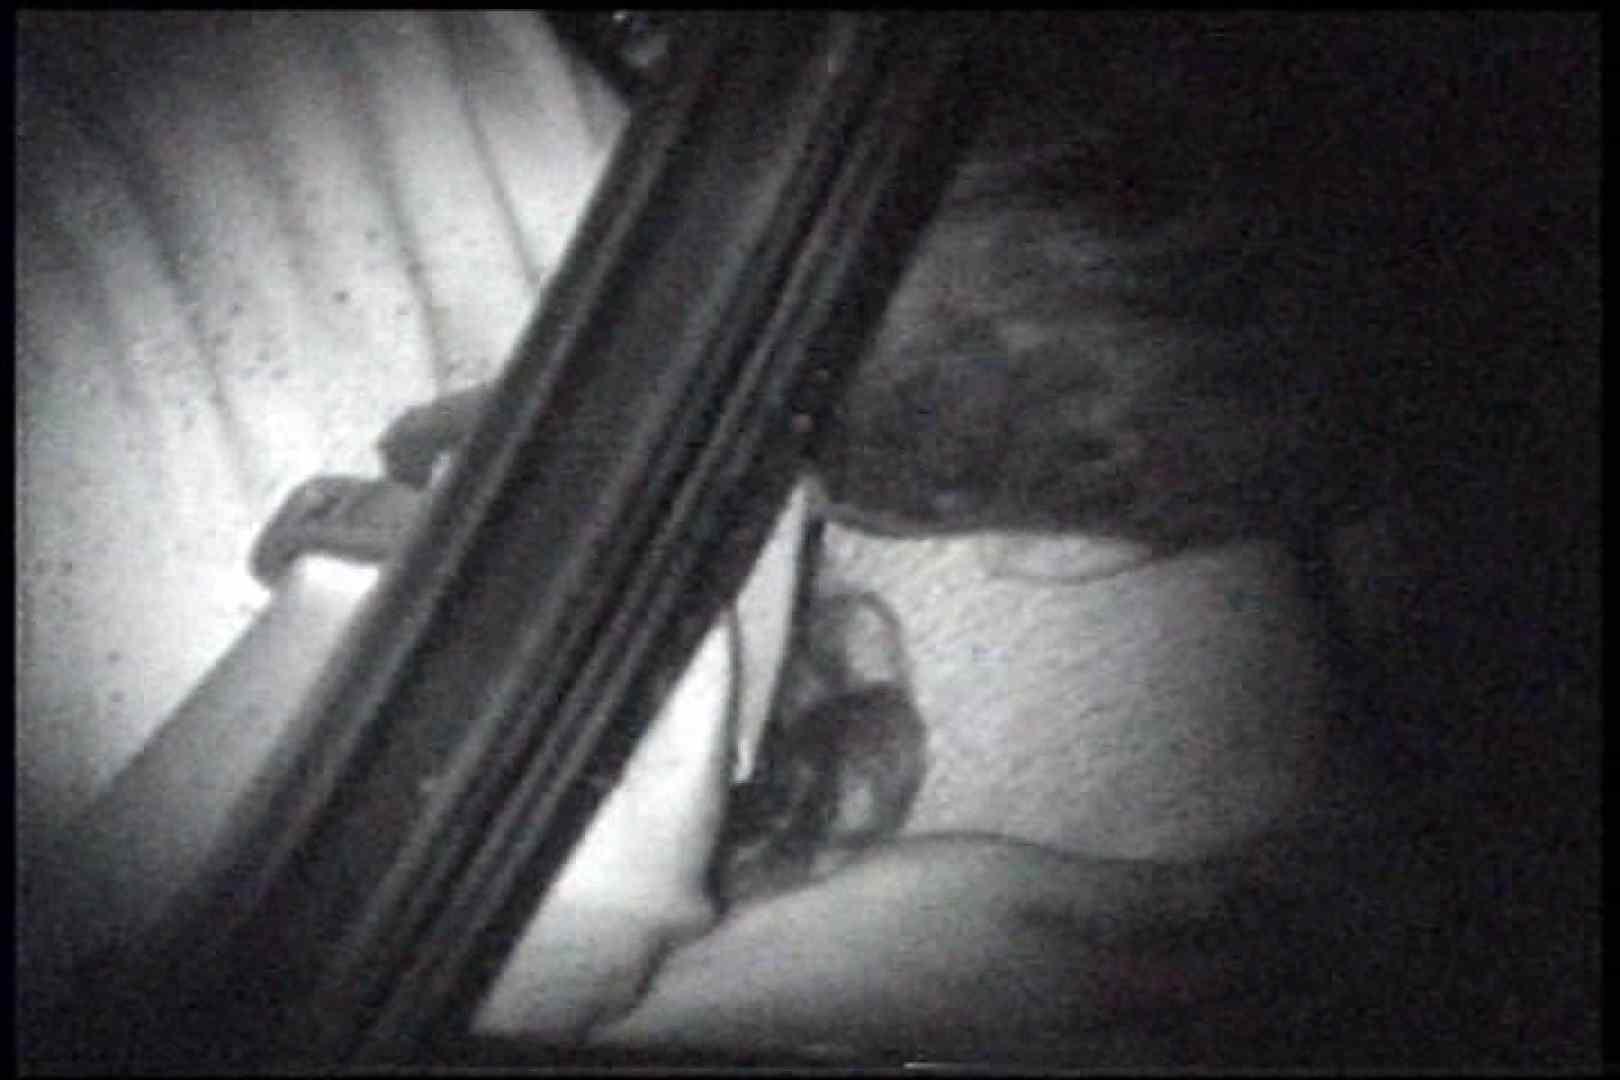 充血監督の深夜の運動会Vol.235 OLエロ画像 | 0  97PICs 23